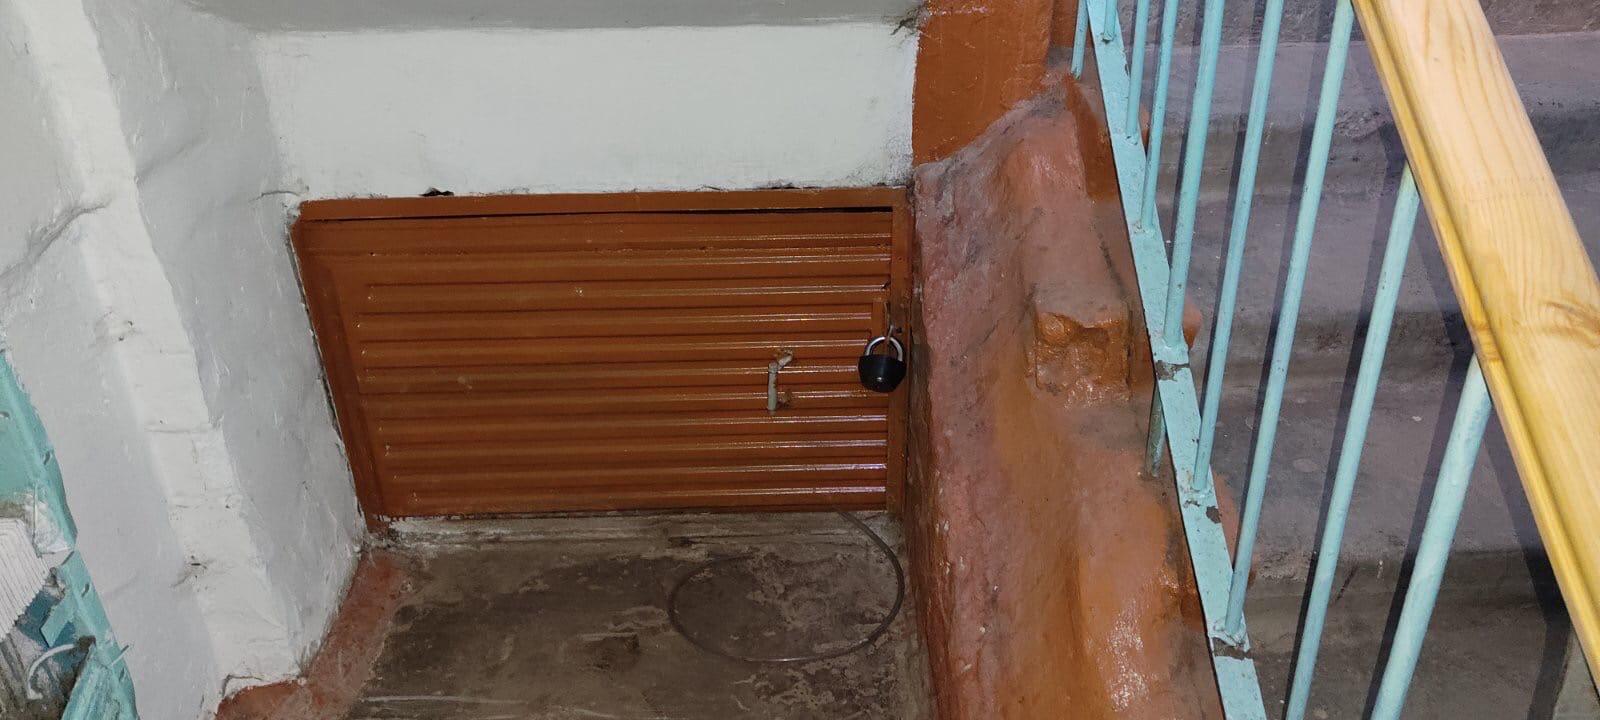 Строителей 46 2 под. вход в подвал.